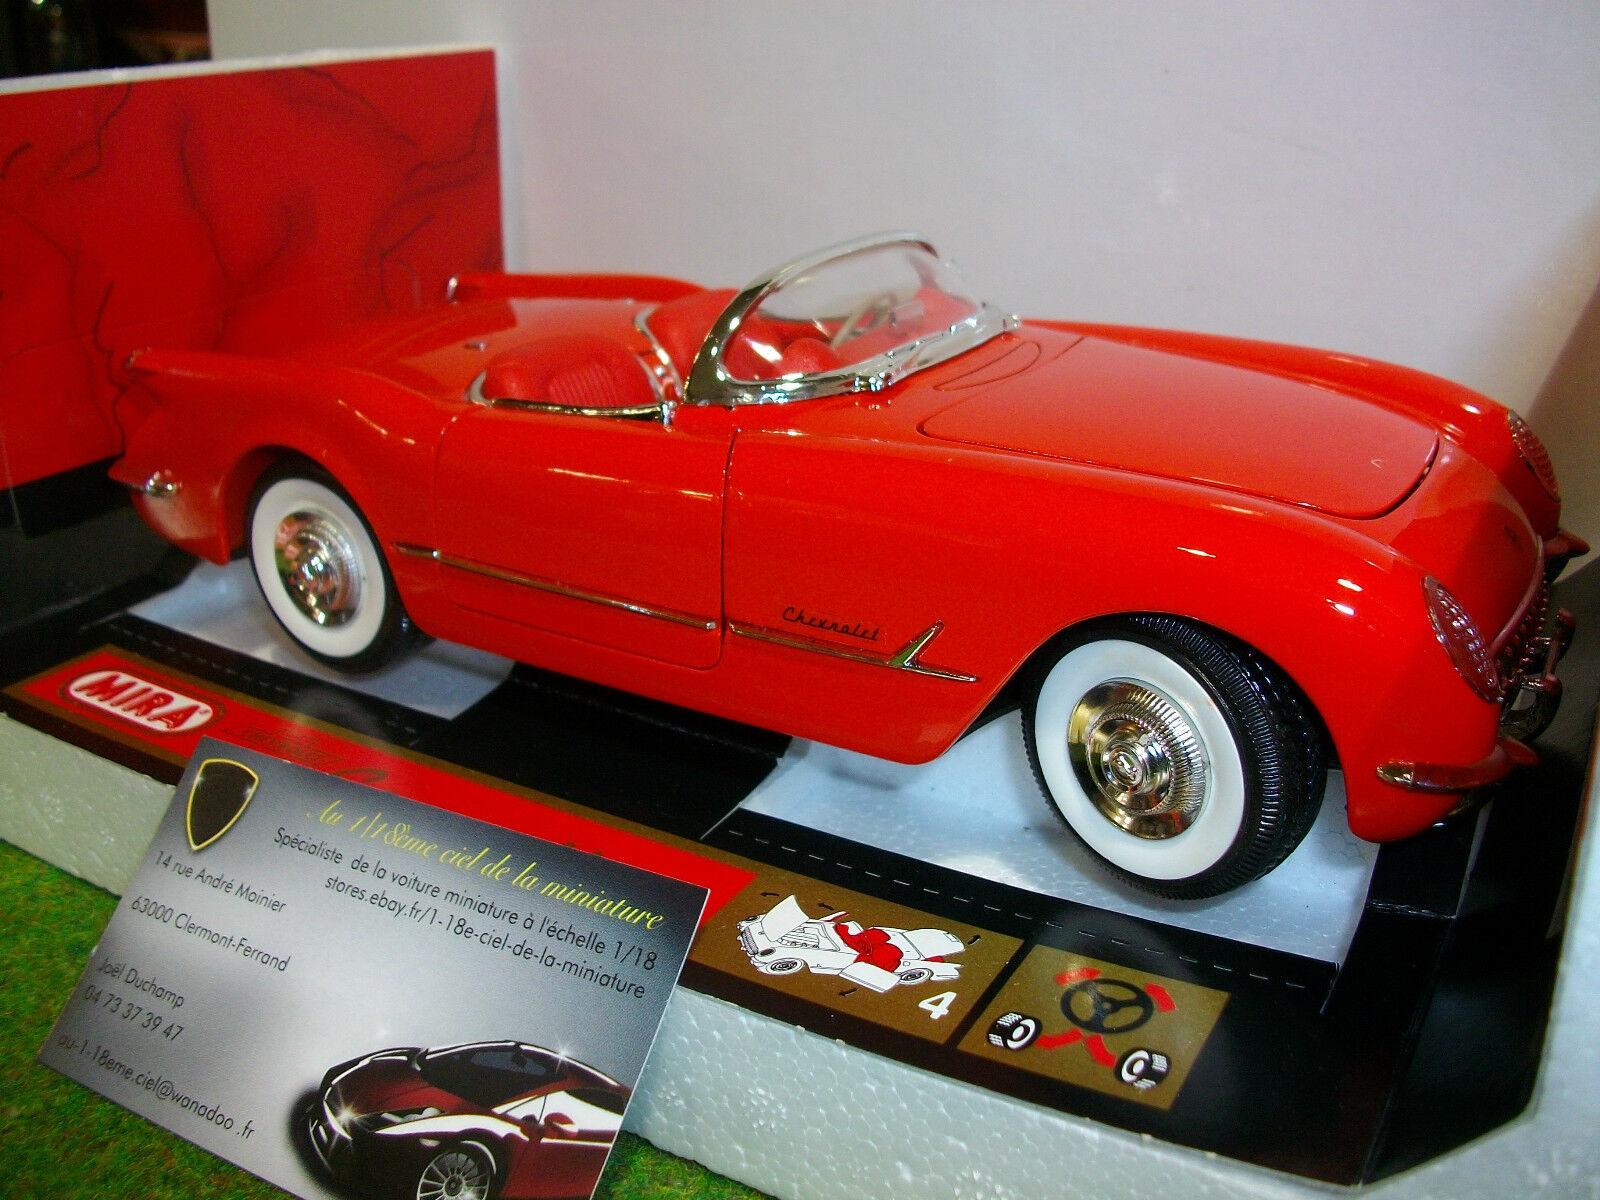 Para tu estilo de juego a los precios más baratos. CHEVROLET CORVETTE Cabriolet 1954 rg 1 18 MIRA 6198 6198 6198 voiture miniature collection  Más asequible